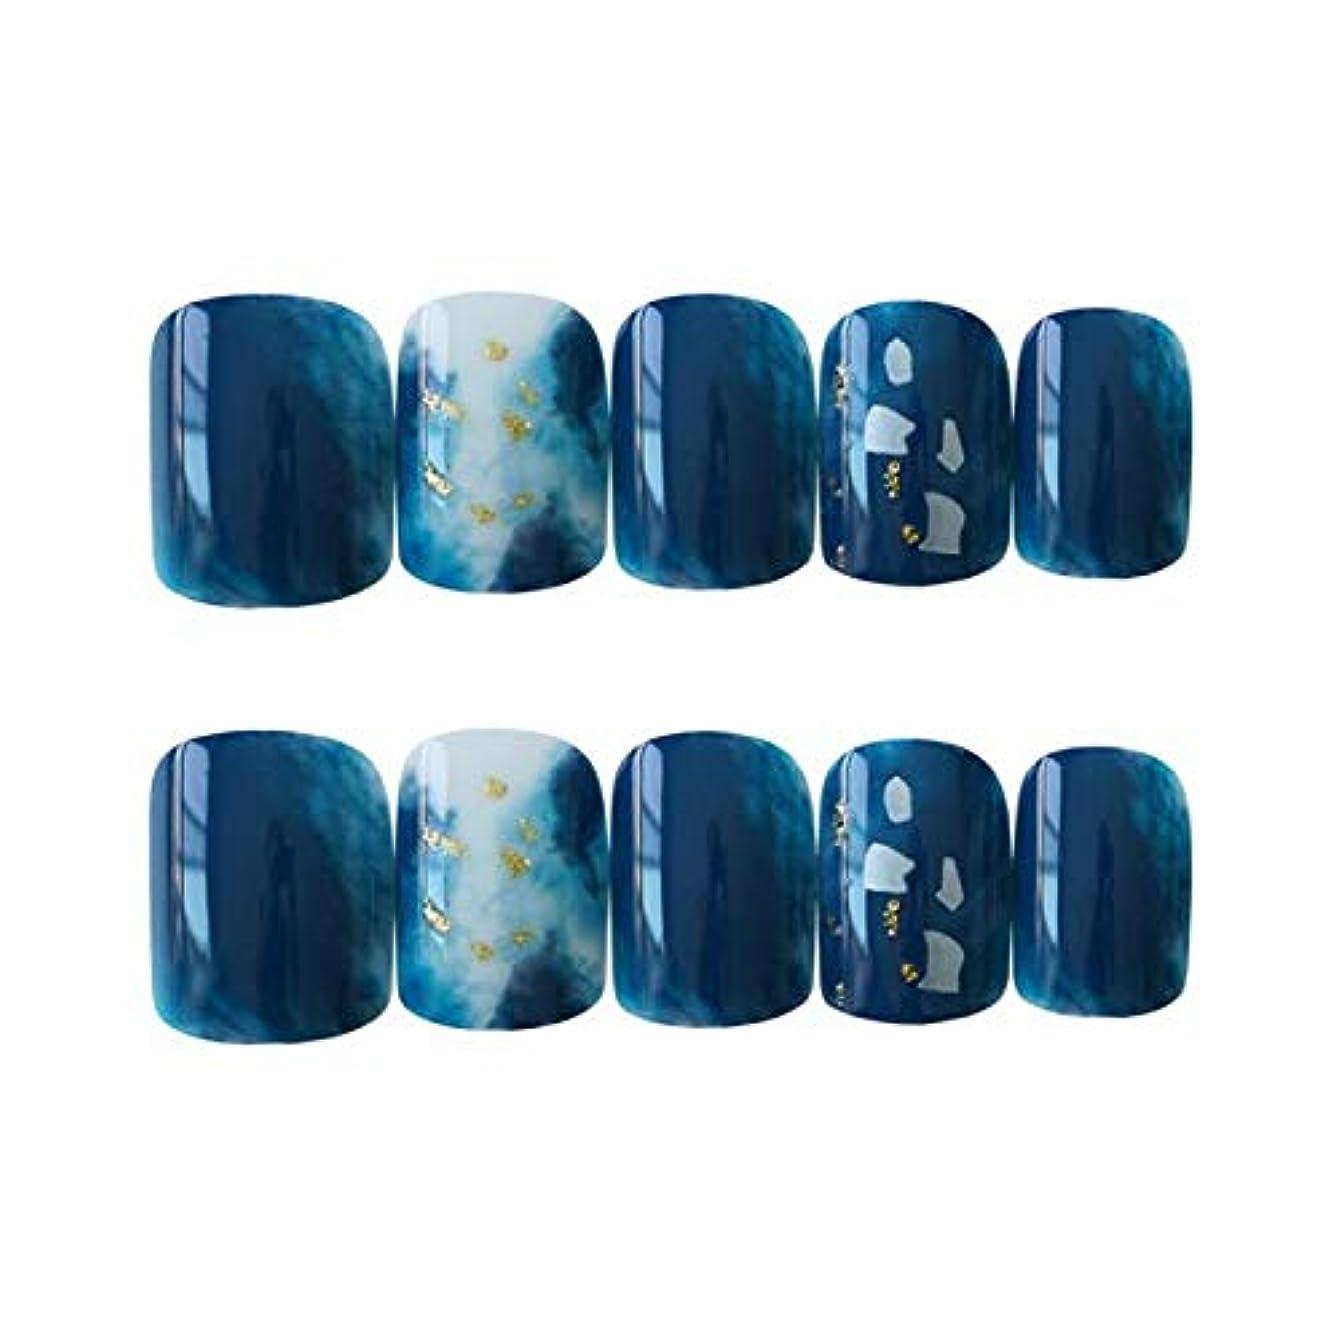 バッジ投票セクタYUJIA ネイルチップ つけ爪 付け爪 つけ方簡単 ネイル デコネイルコレクション シール ハロウィン 母の日 パーティ 人気 毎日変身 24枚セット (海洋暈し)